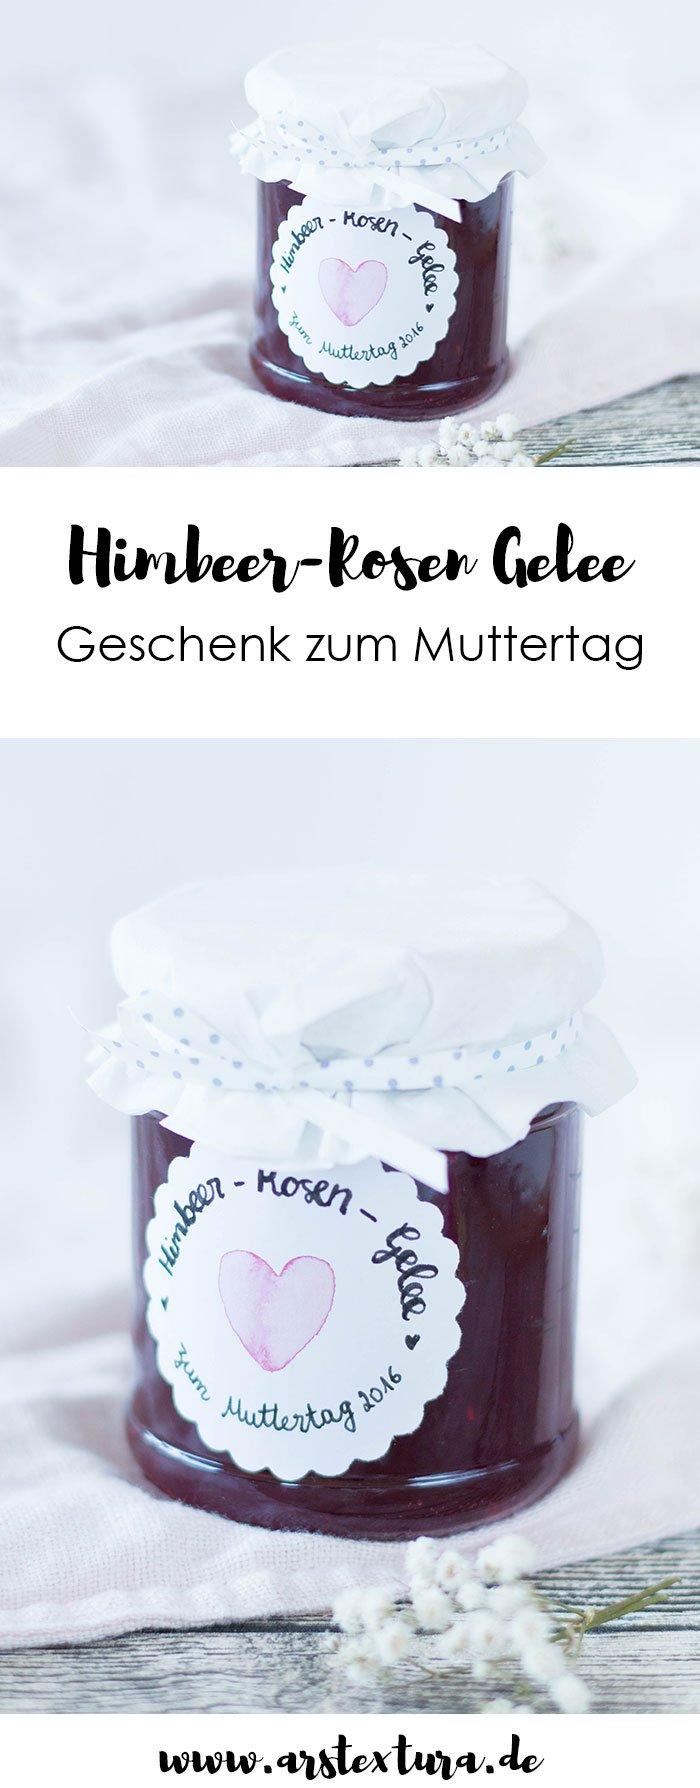 DIY Geschenk zum Muttertag: Himbeere-Rosenwasser-Rosen Gelee ist ein tolles DIY Geschenk aus der Küche über das sich deine Mutter sicher freut. Die leckere Himbeere-Rosenwasser-Marmelade wird mit einem Schuss Rosenwasser verfeinert und bekommt so ihr einzigartiges Aroma. | ars textura - DIY Blog